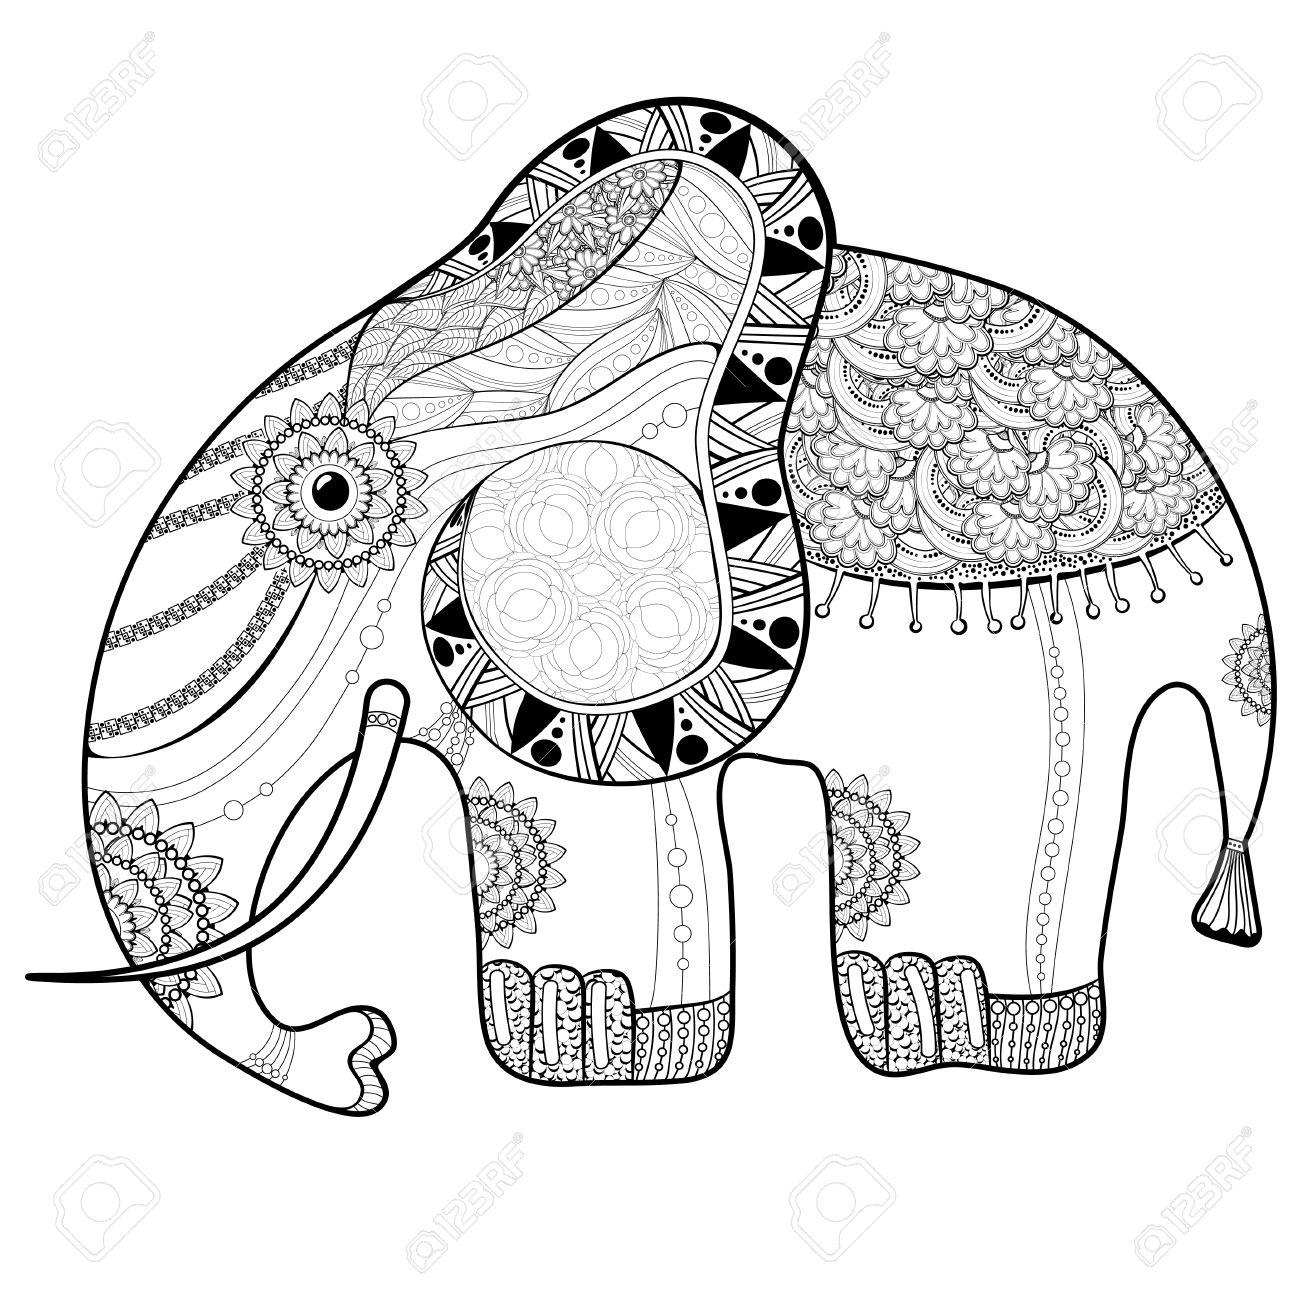 Página Para Colorear Libro Para Adultos. Elefante. Patrón Anti ...